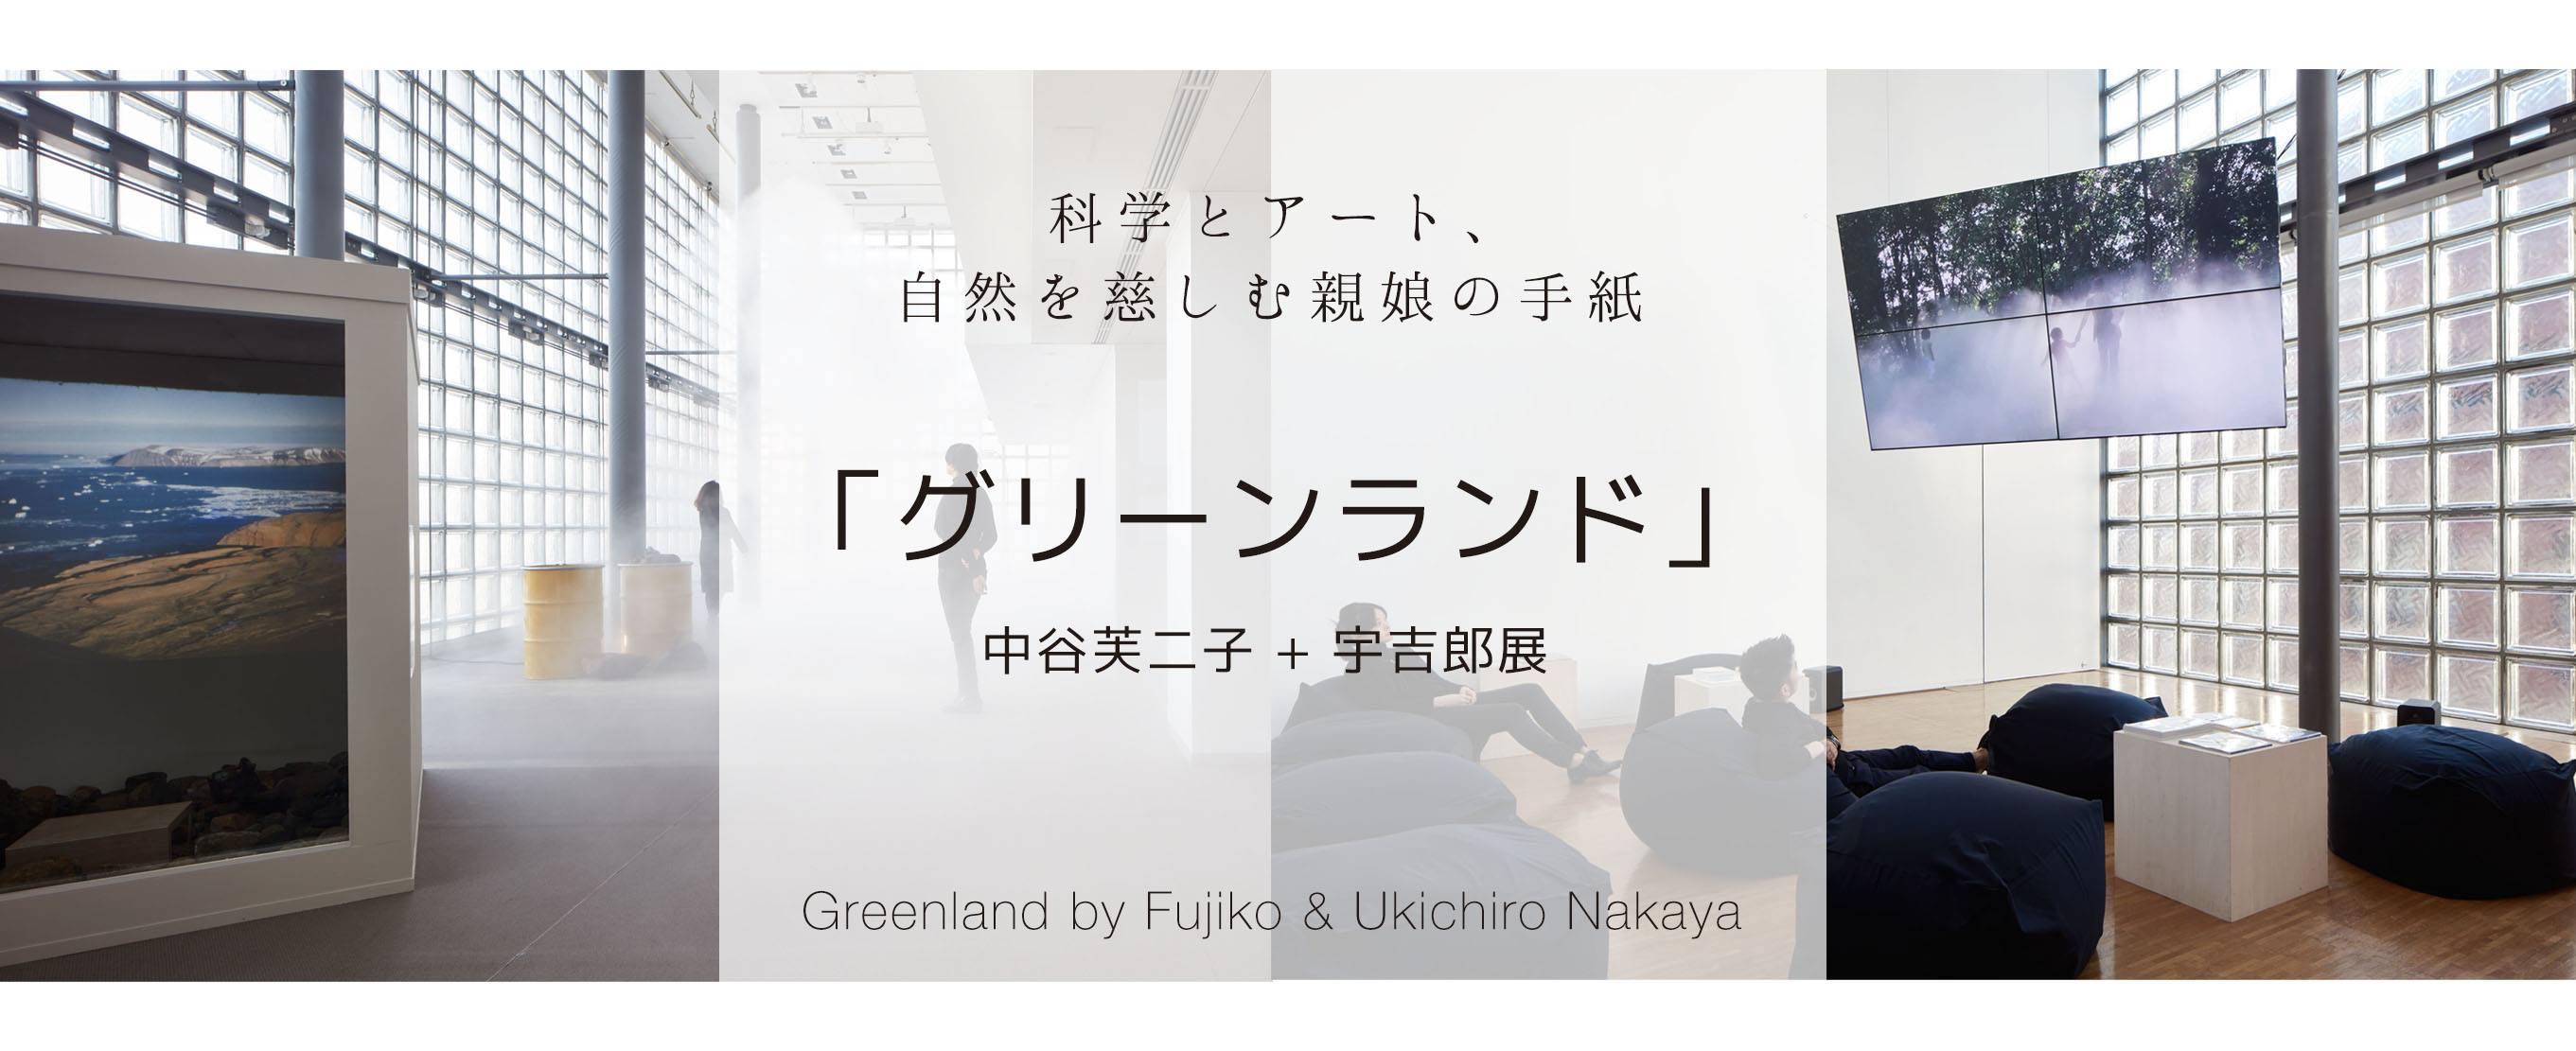 科学とアート、自然を慈しむ親娘の手紙「グリーンランド」